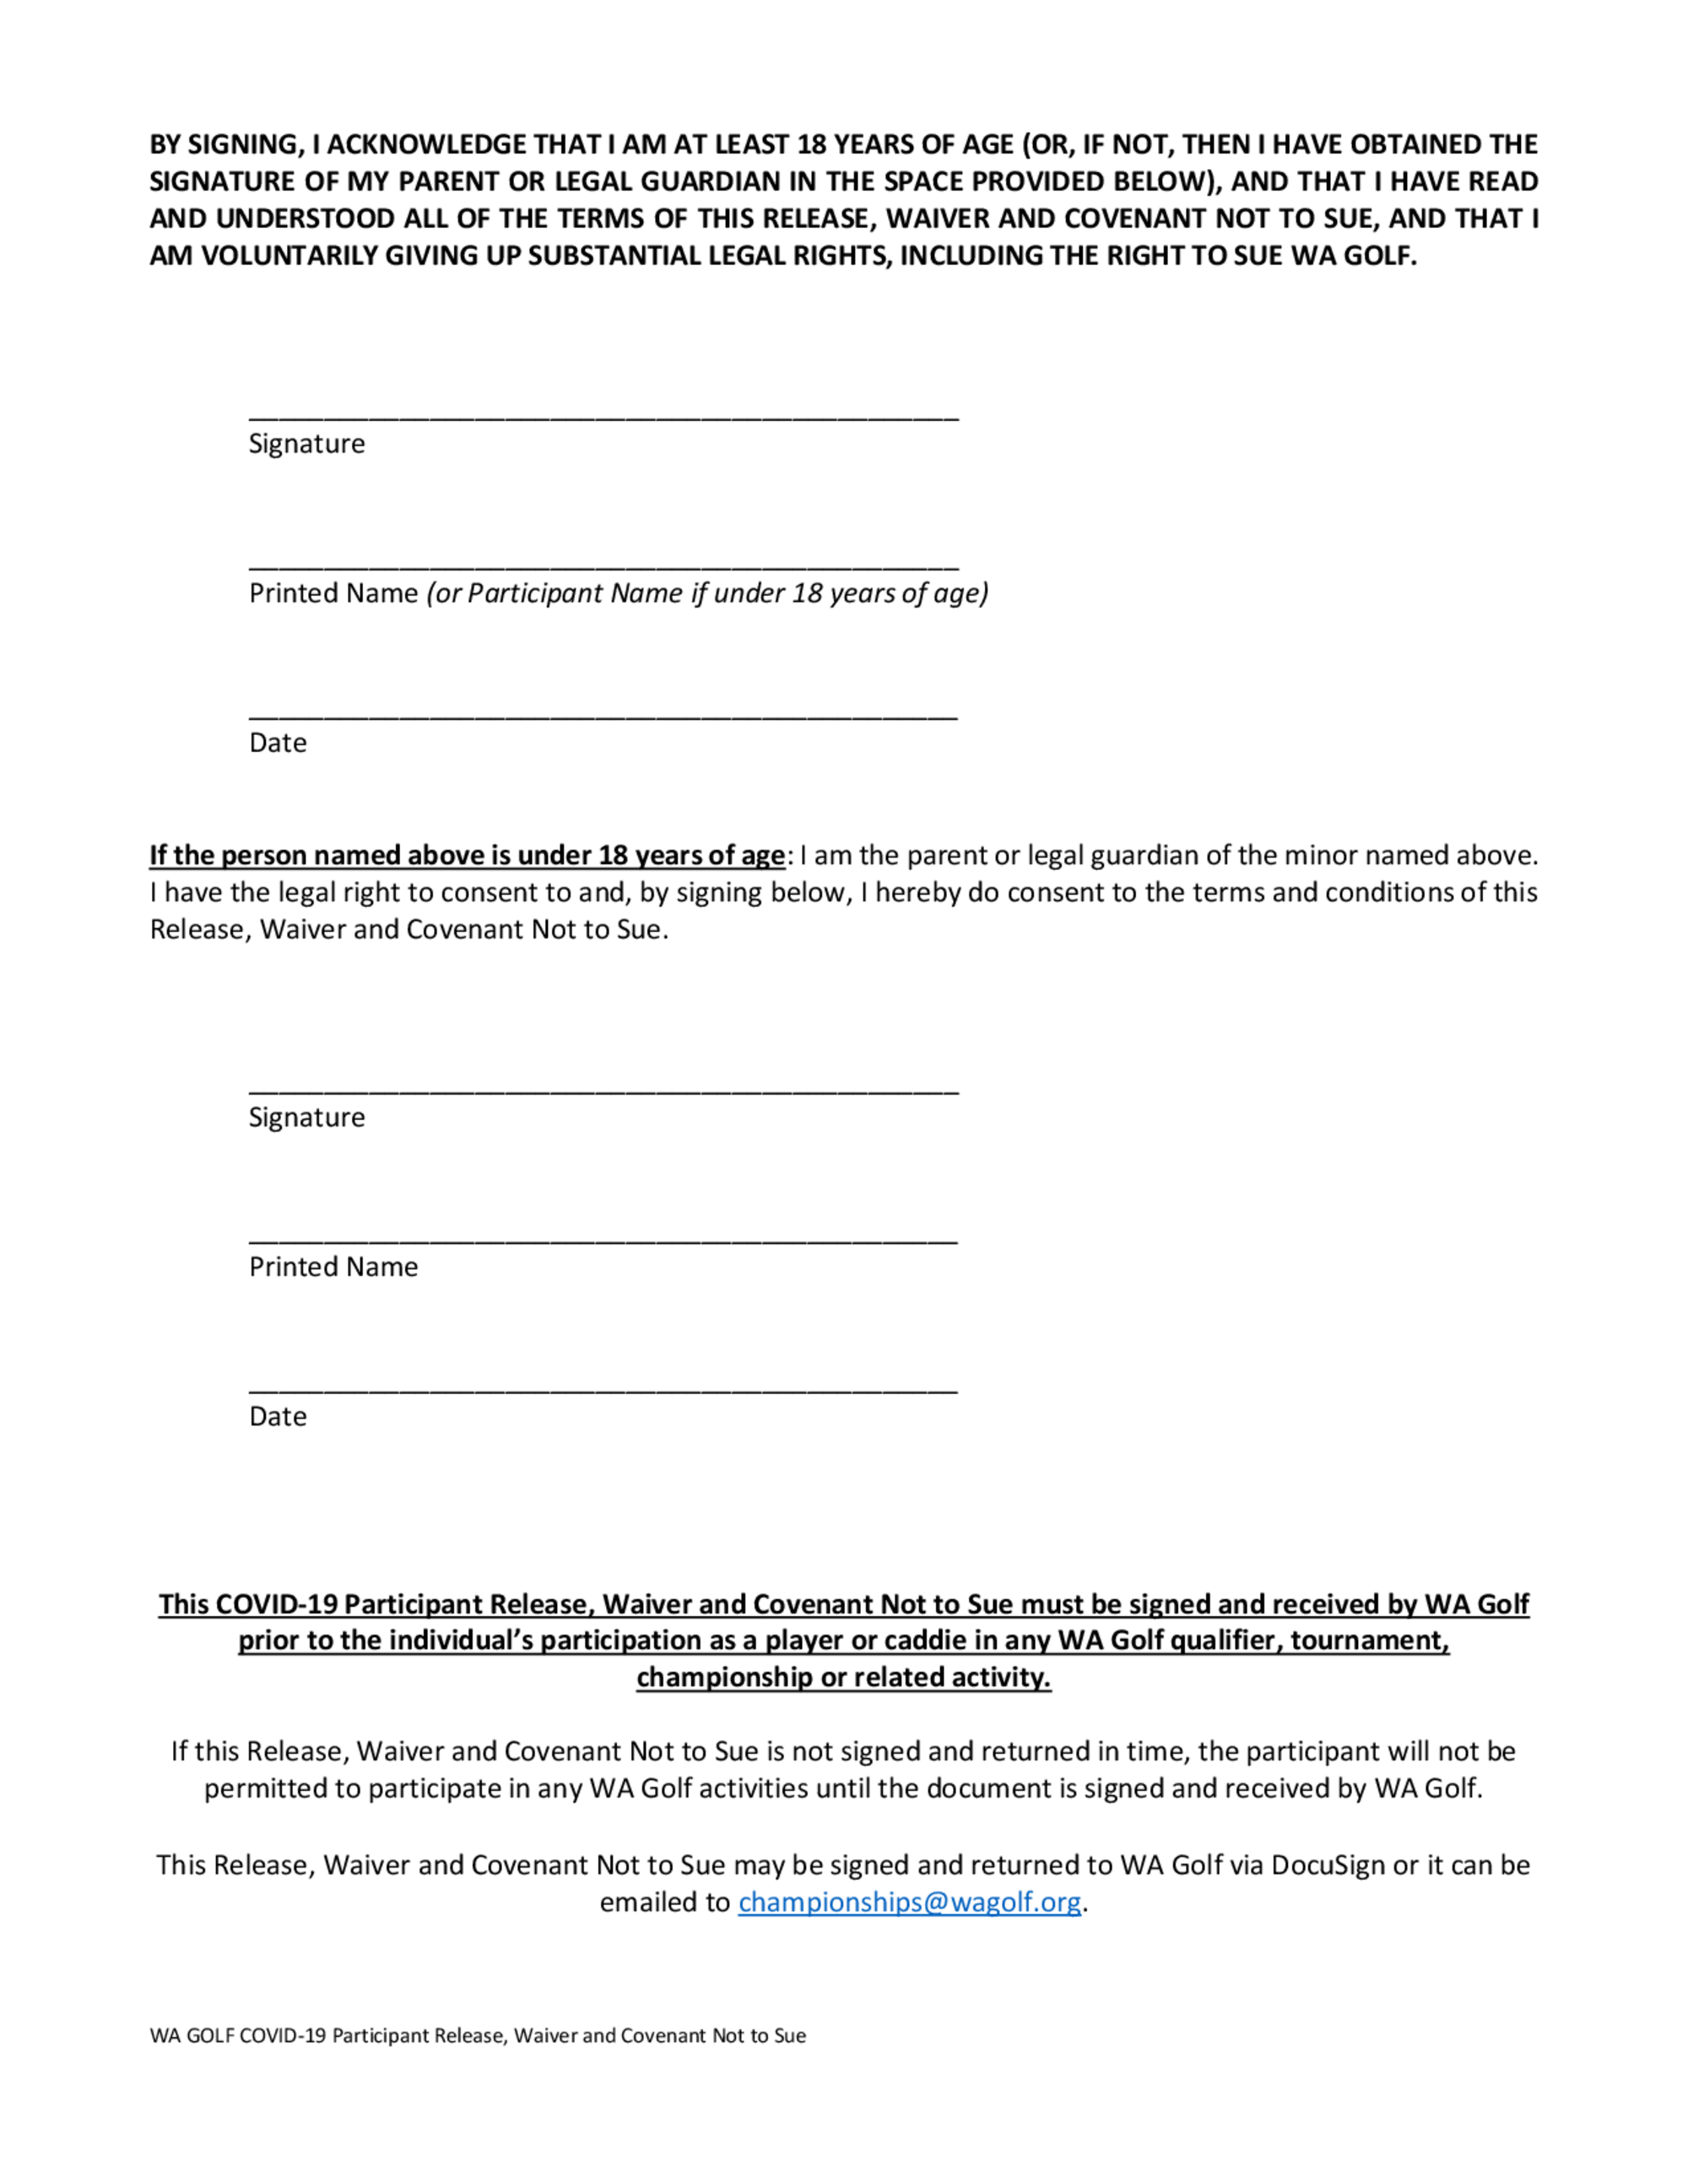 Wa golf covid 19 participantwaiver 2021 3